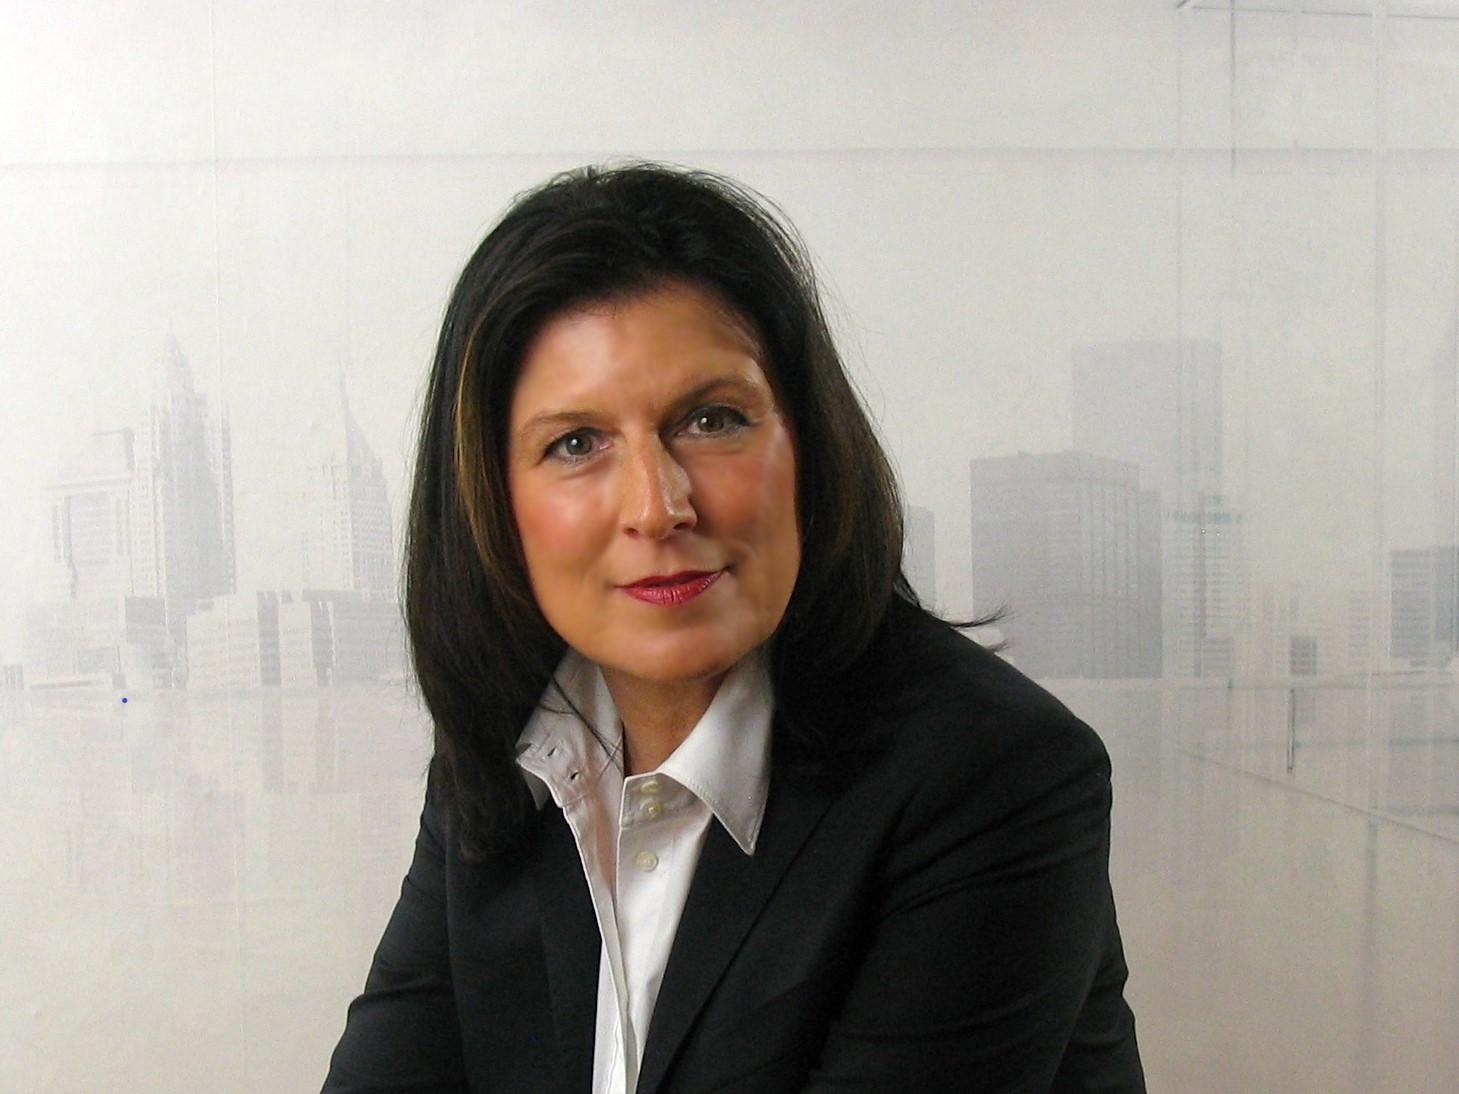 Carmen Luger